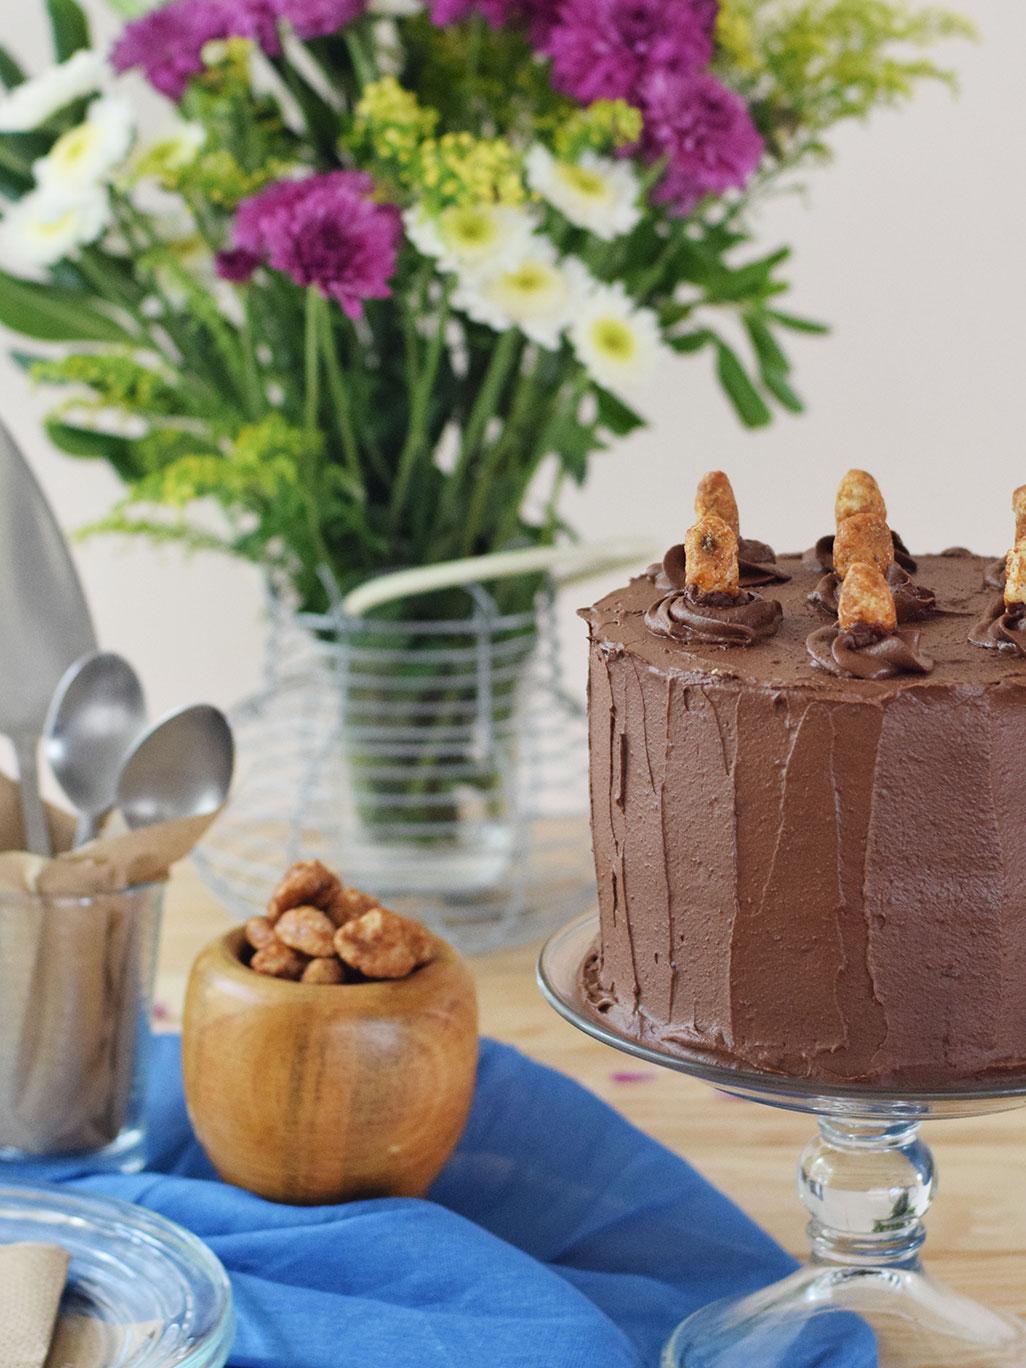 Receta de Pastel Vegano de Chocolate cubierto de Ganache de Chocolate